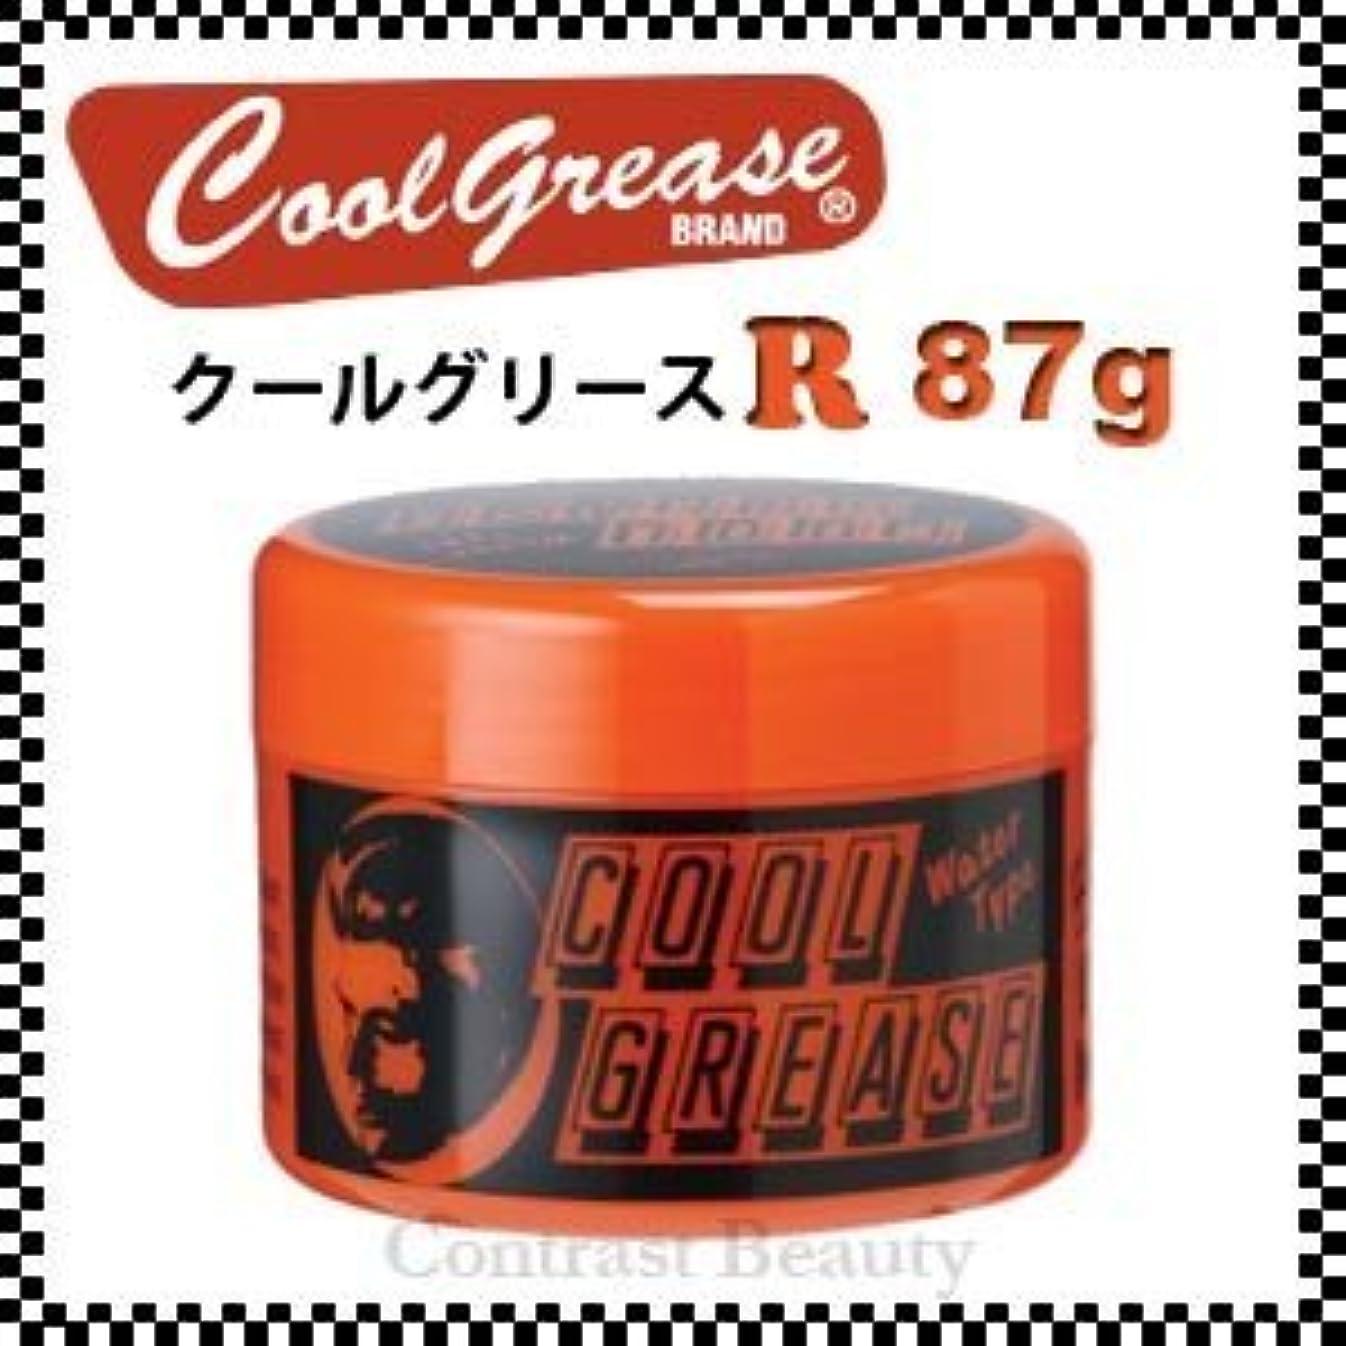 曲がった絡み合いボア阪本高生堂 クールグリース R 87g